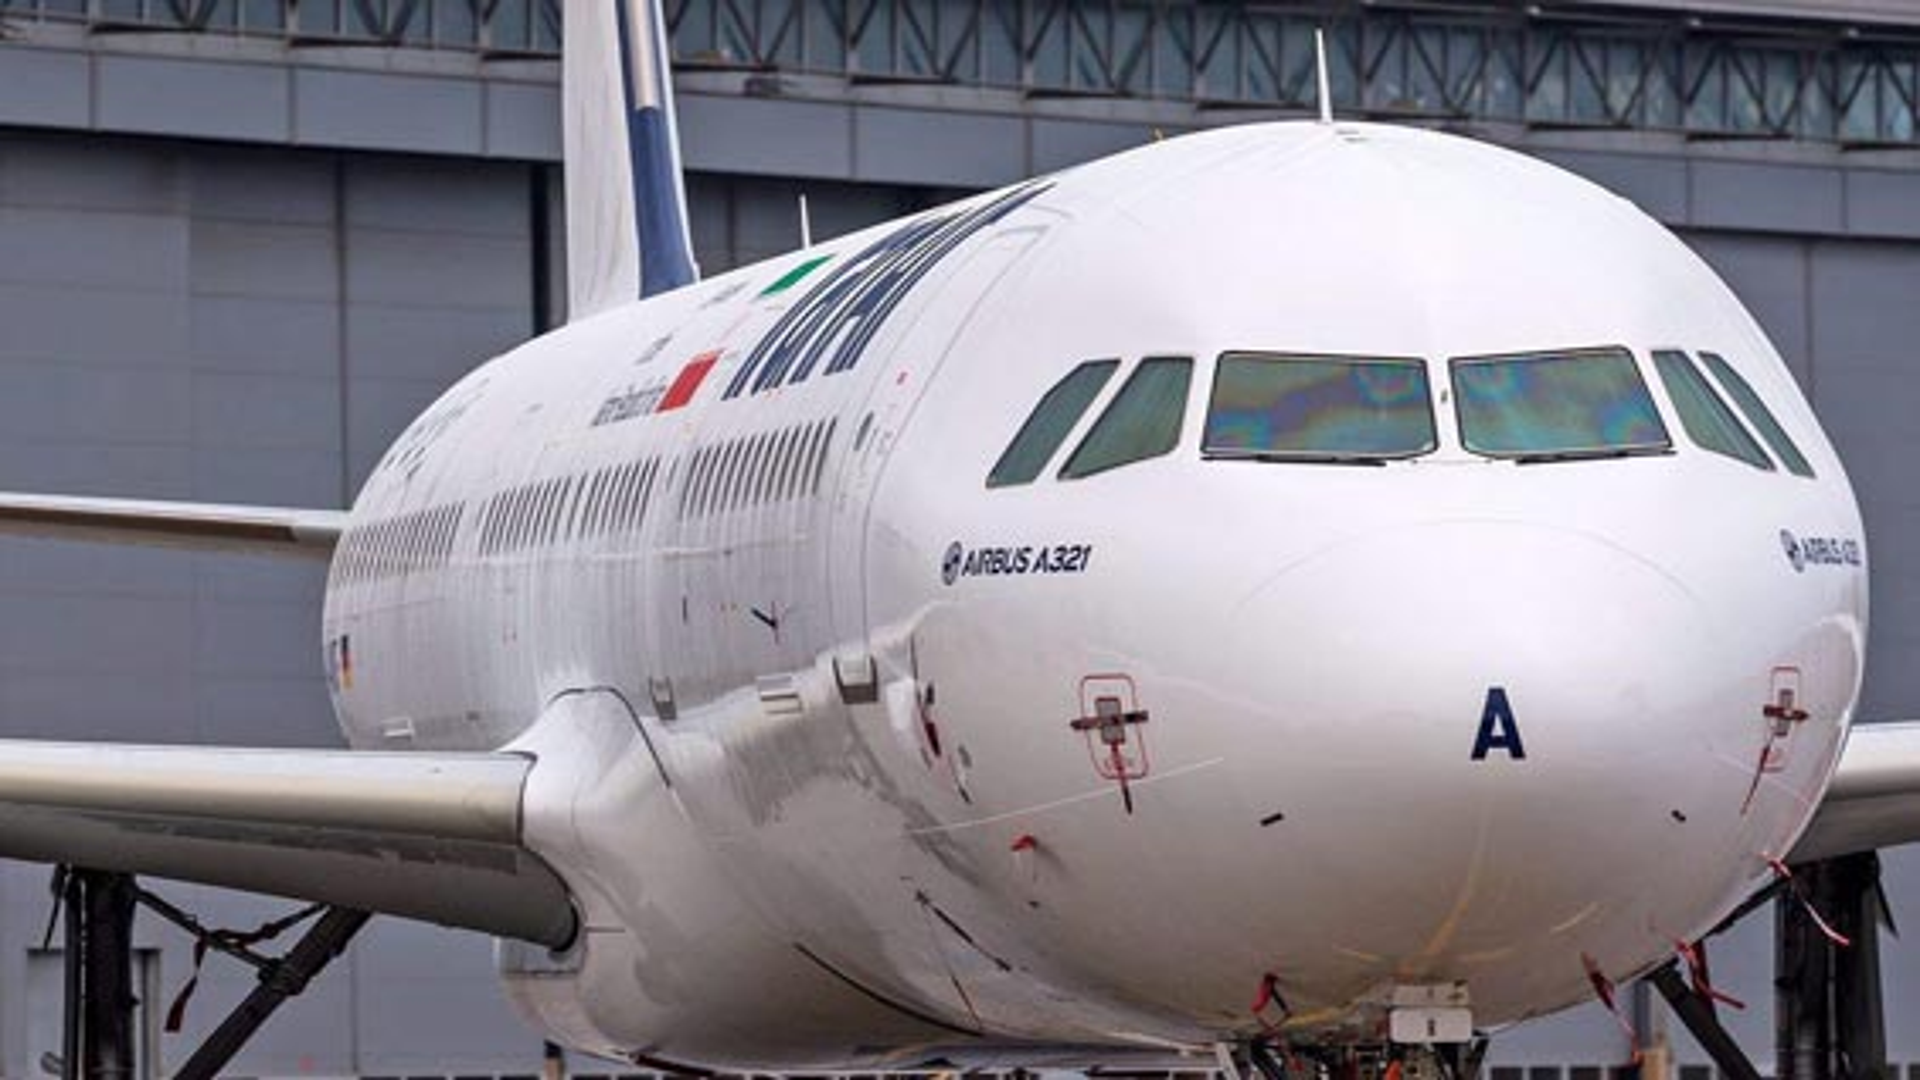 فرود هواپیمای ایرباس پس از ٣٧ سال تحریم | فیلم